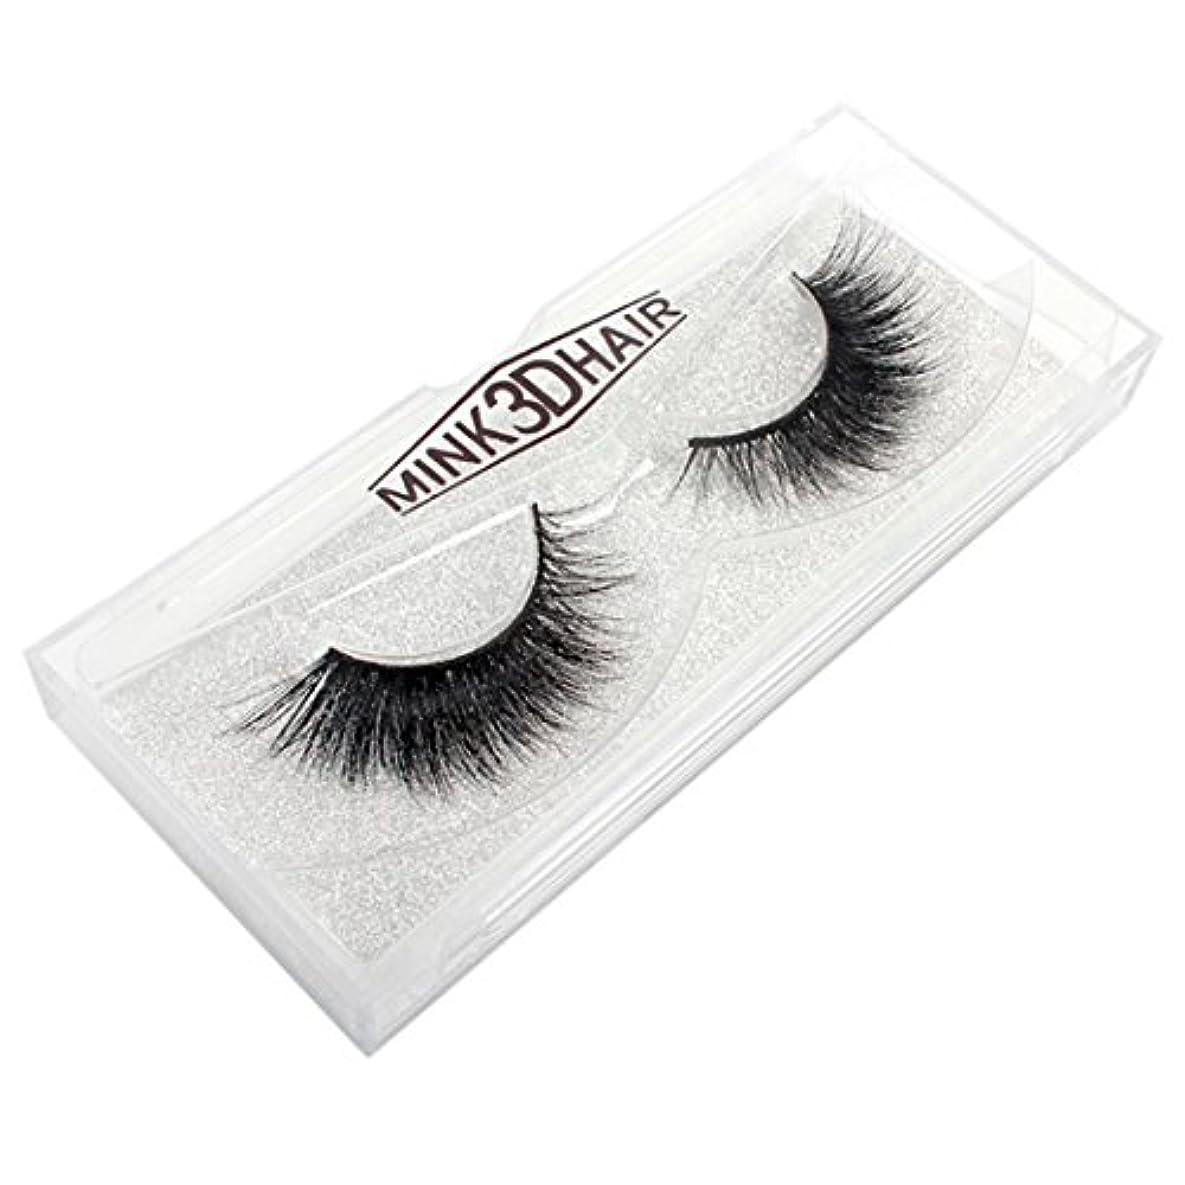 仕様しかしレギュラーFeteso 1ペア つけまつげ 上まつげ Eyelashes アイラッシュ ビューティー まつげエクステ扩展 レディース 化粧ツール アイメイクアップ 人気 ナチュラル 飾り ふんわり 装着簡単 綺麗 極薄/濃密